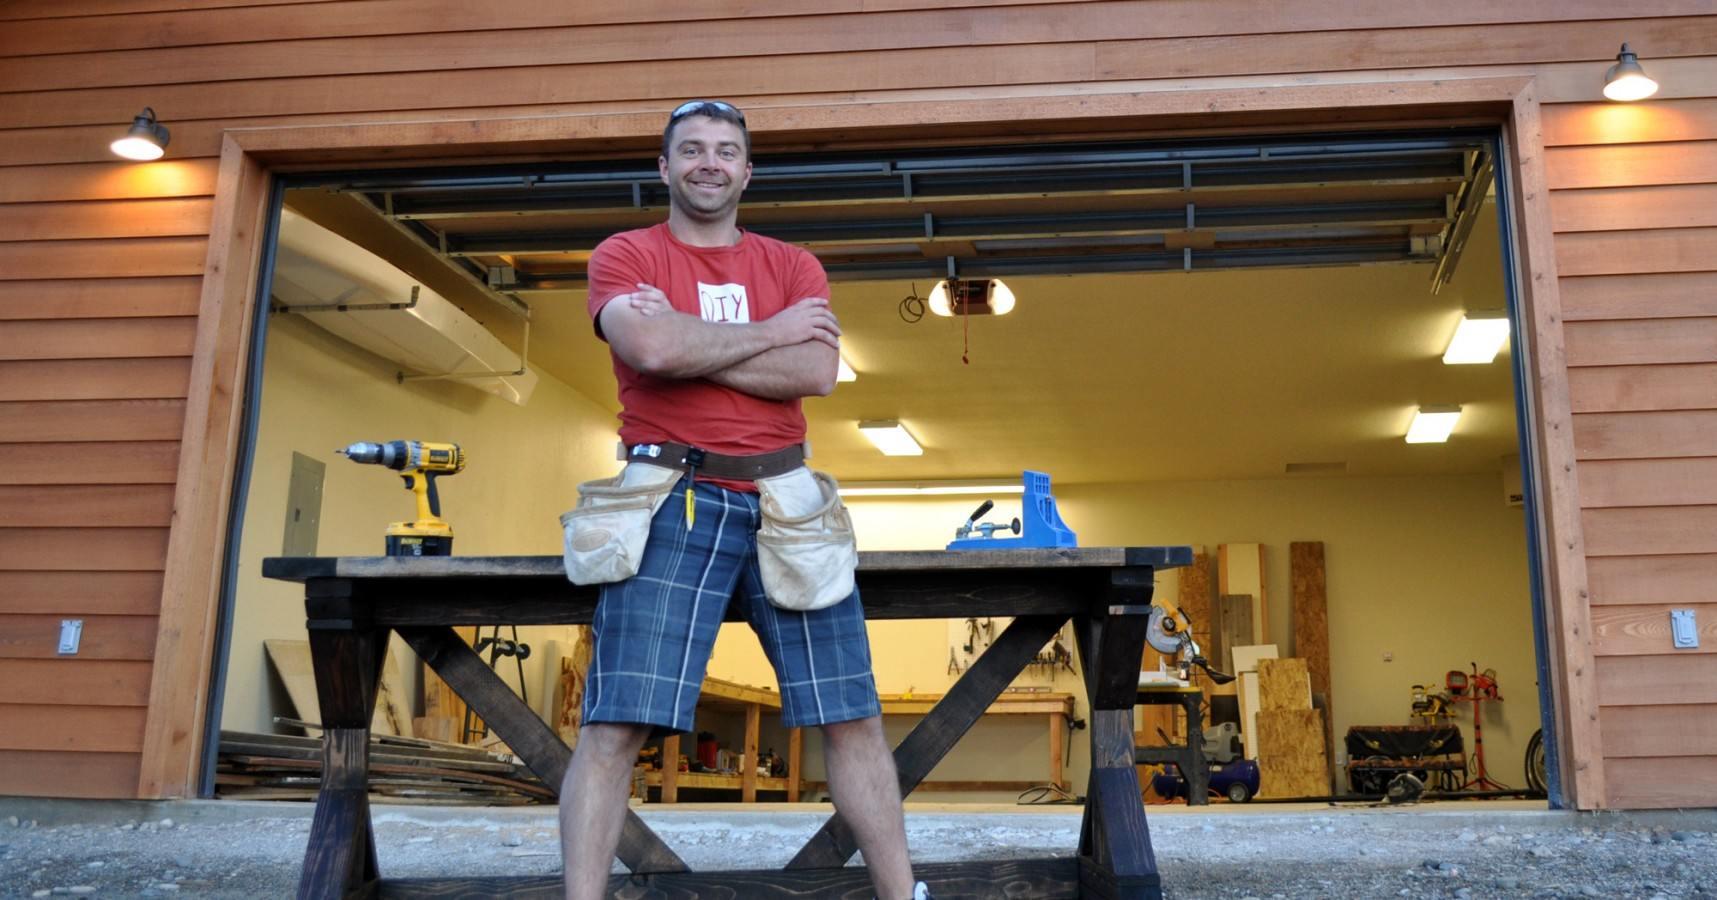 Pete Sveen DIY Pete